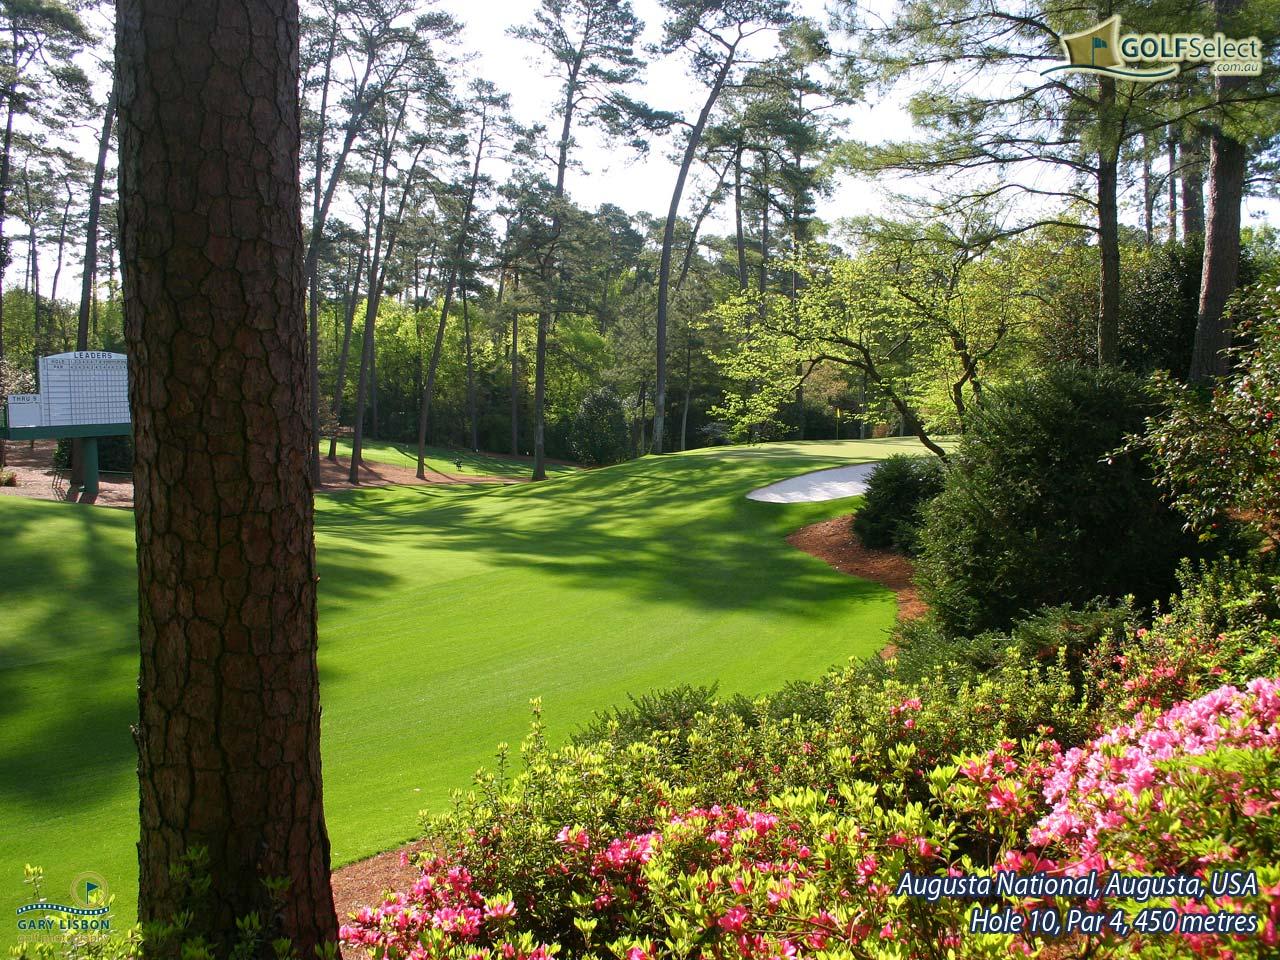 Golf Wallpaper – Augusta National – Hole 10, Par 4, 450 metres